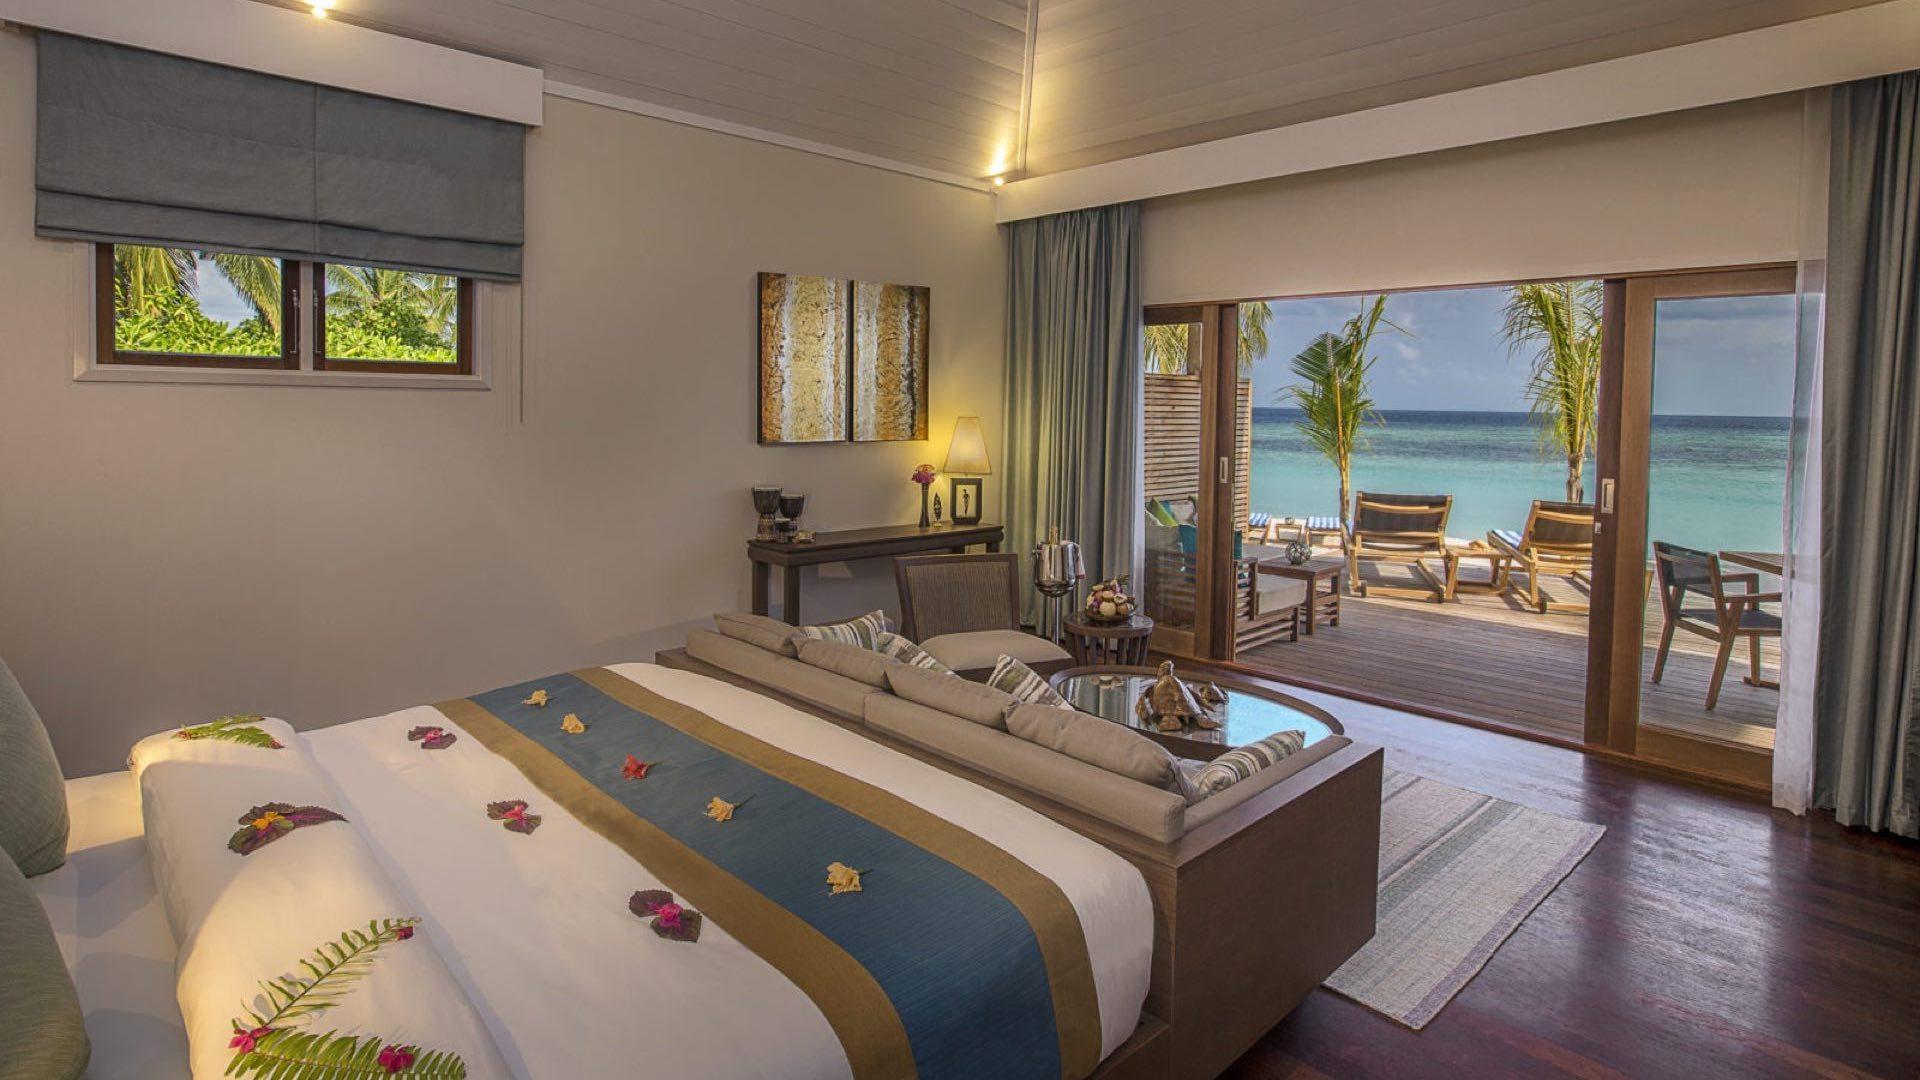 Hurawalhi Island Resort 5* - Foto degli interni della camera con vista sulla spiaggia e mare